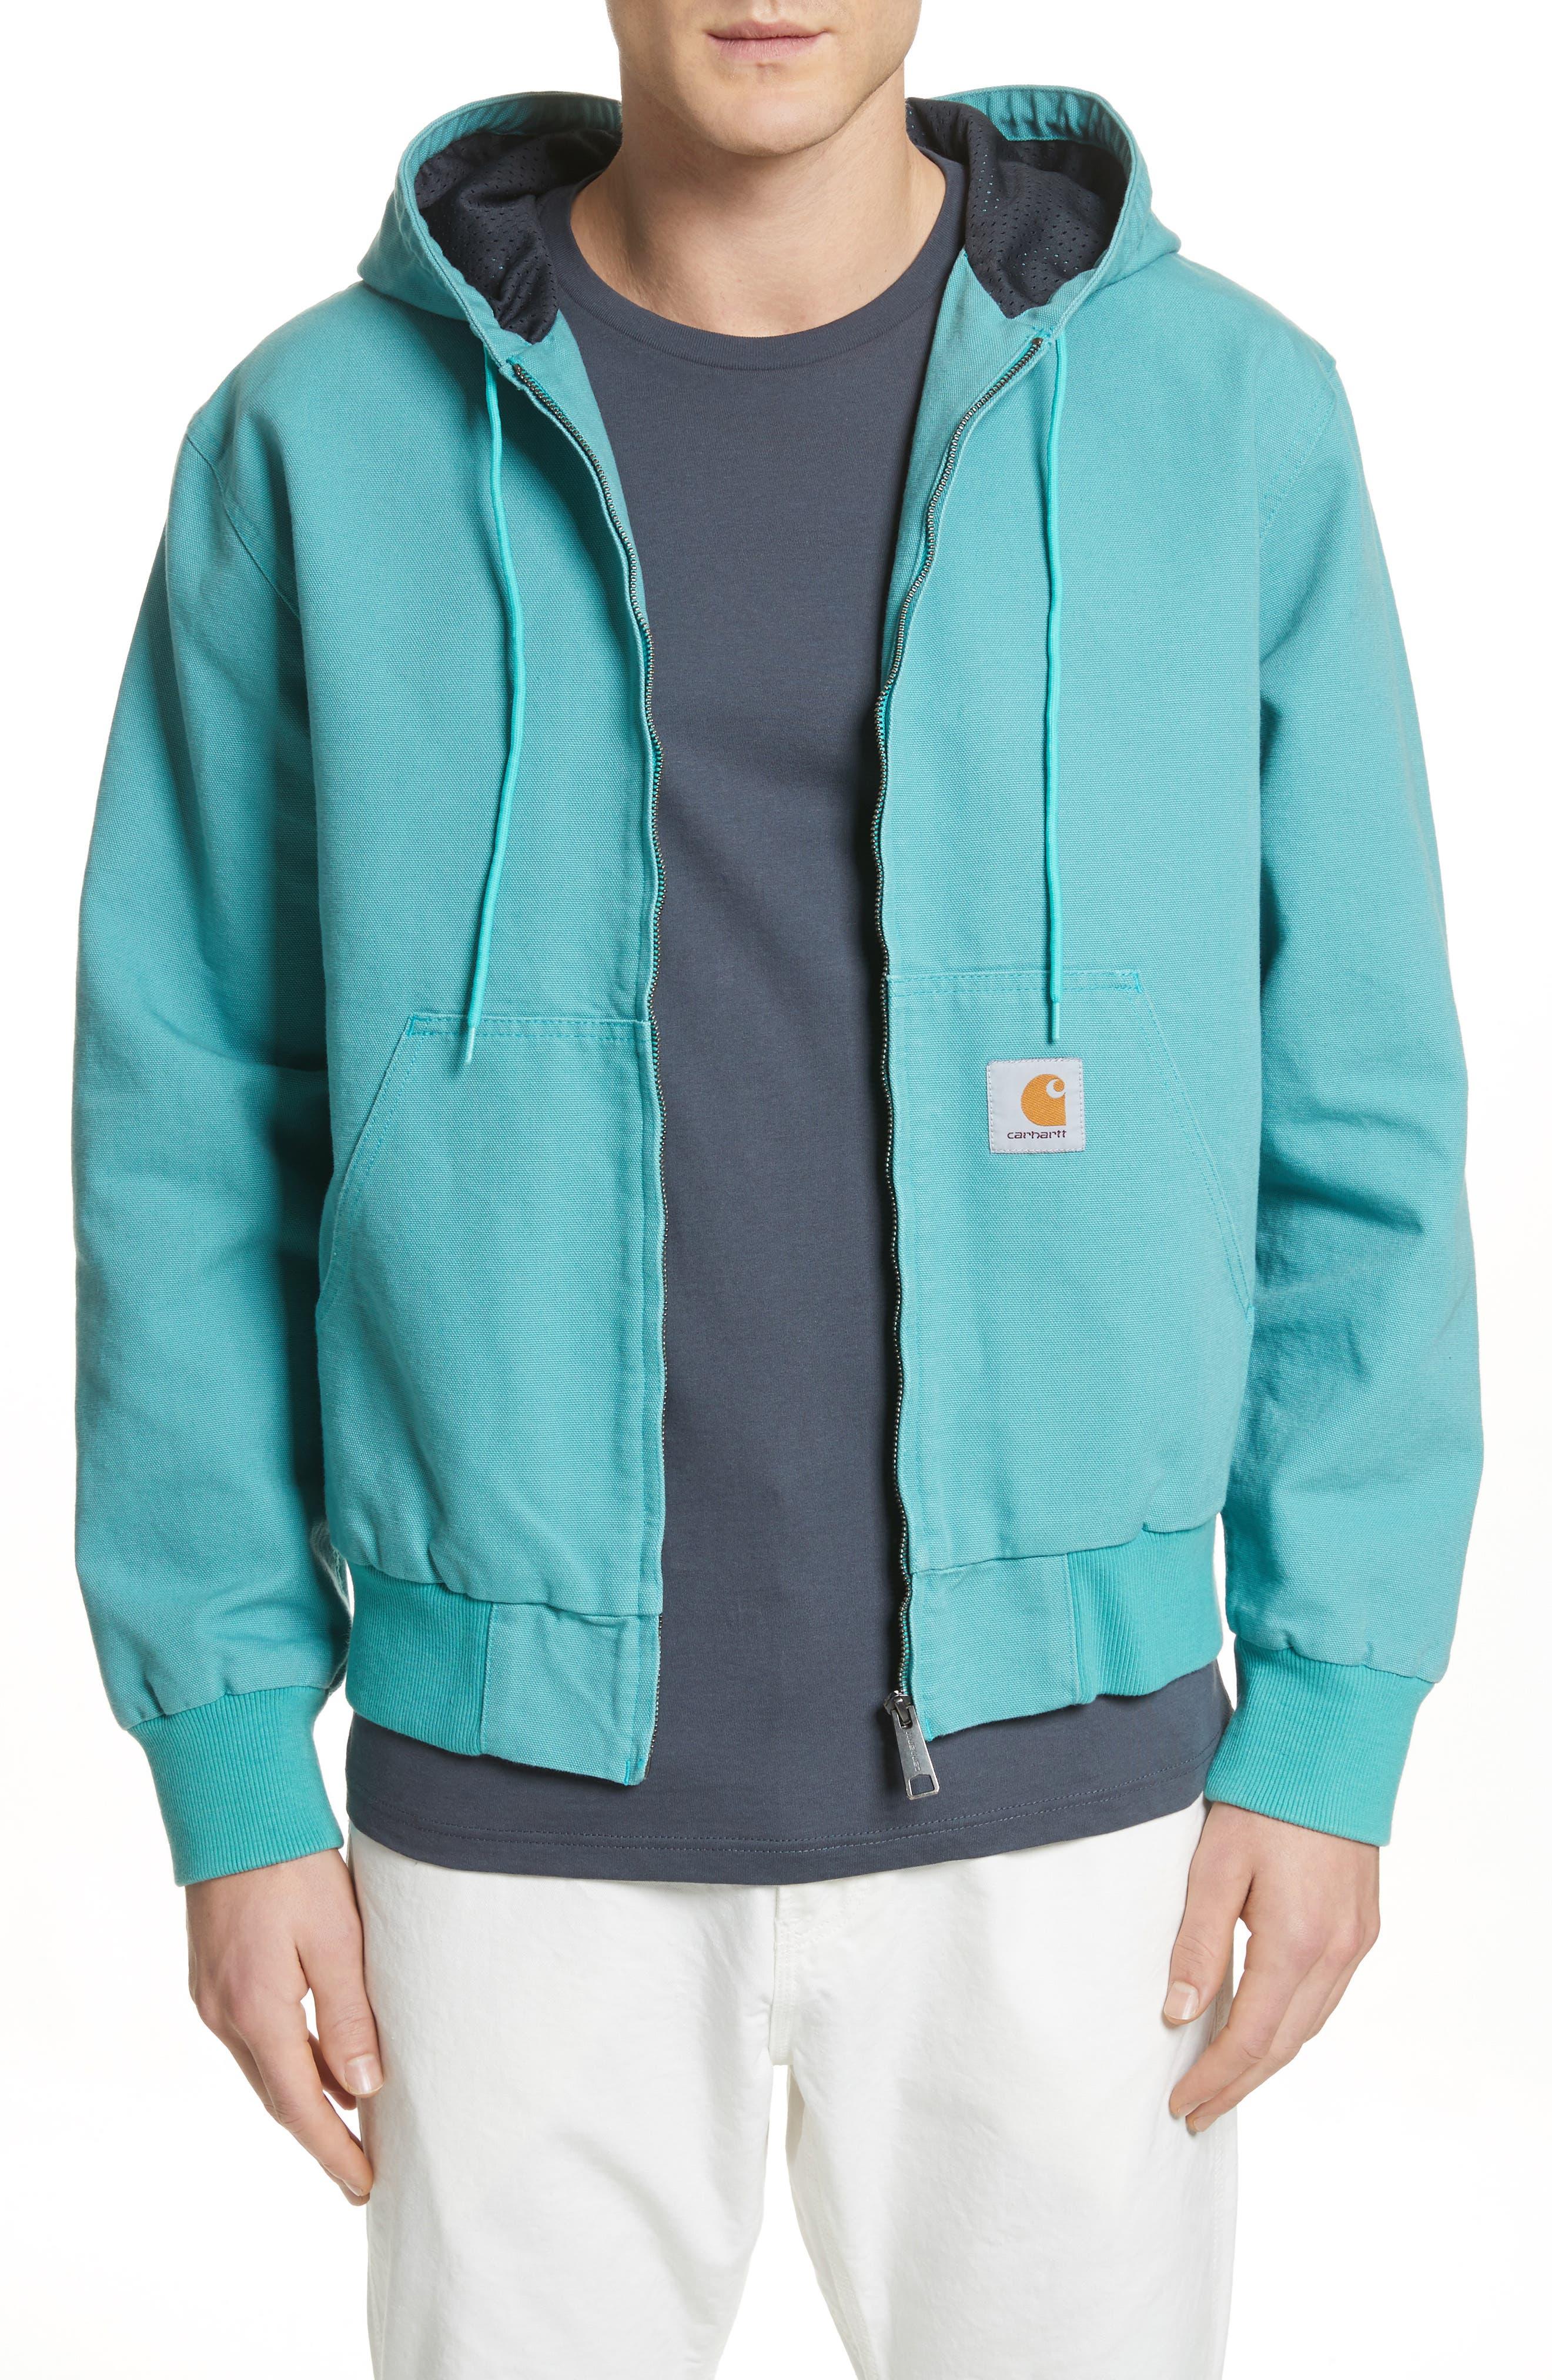 Active Jacket,                             Main thumbnail 1, color,                             Soft Teal